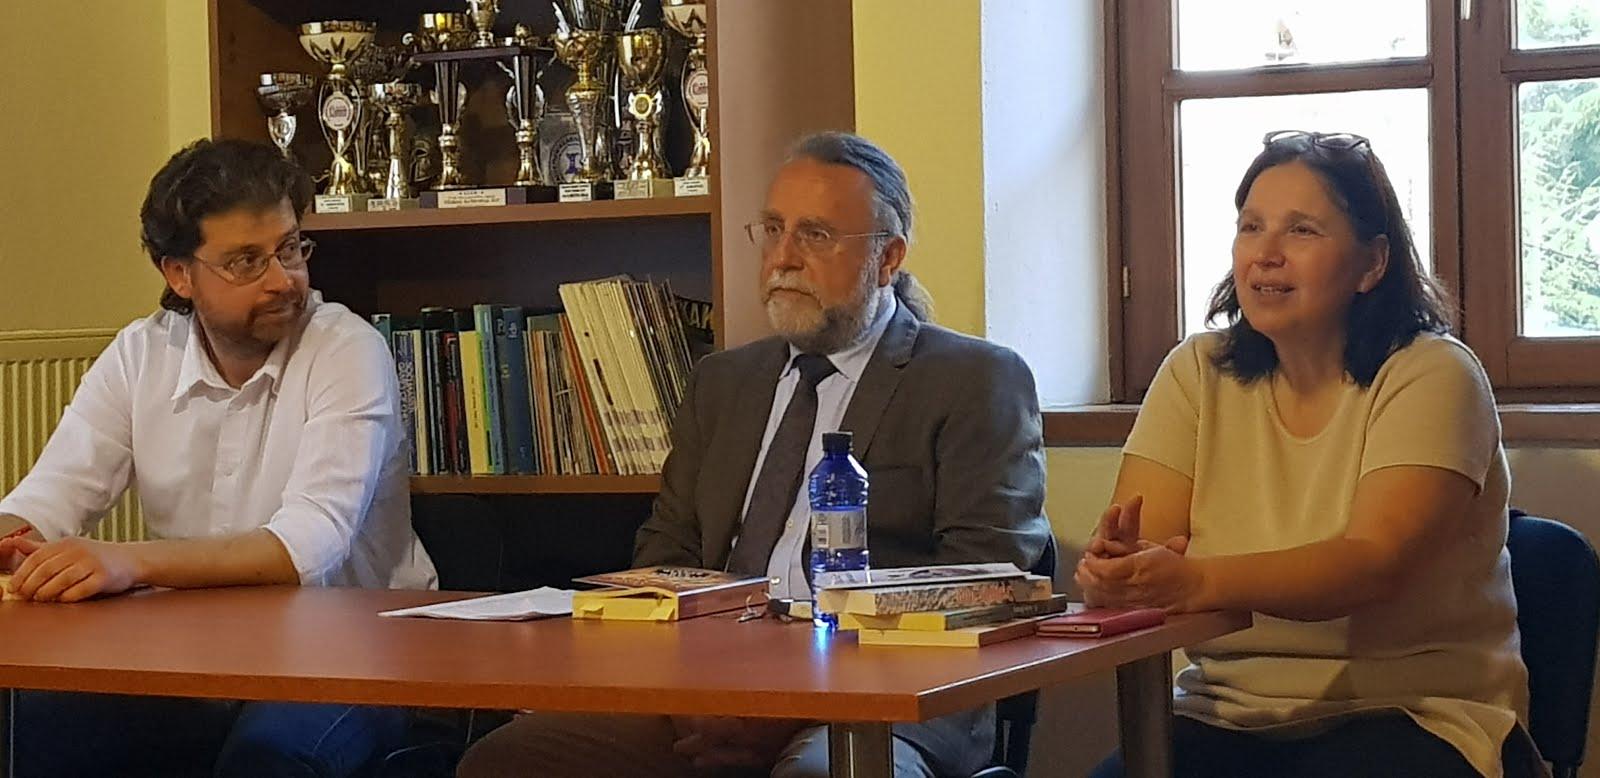 «ΕΓΚΛΗΜΑ ΣΤΟ ΑΡΧΕΙΟ» στη Δημοτική Βιβλιοθήκη Πολυγύρου